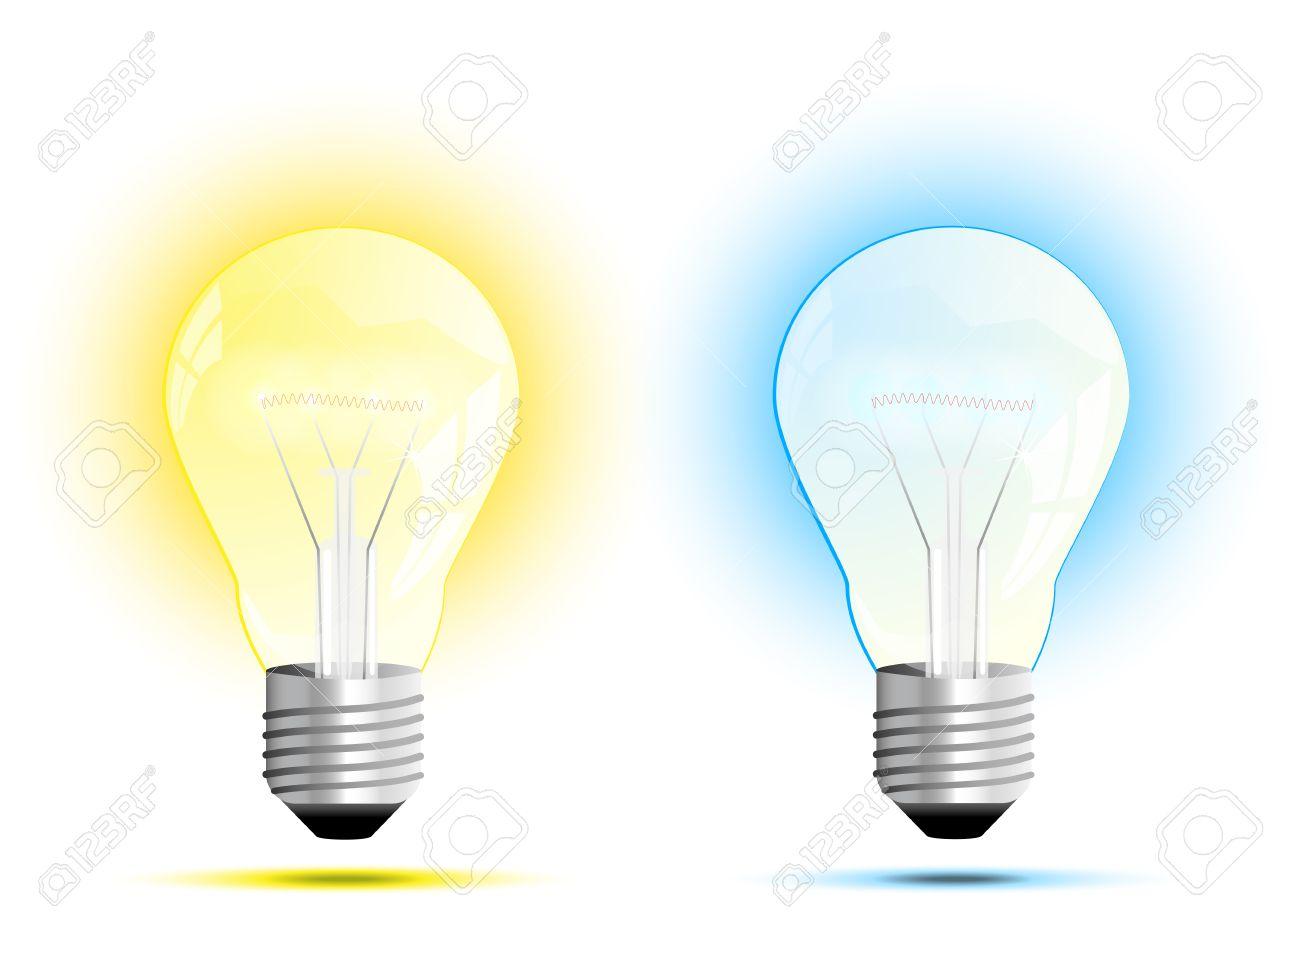 Warm White Light Bulbs: Incandescent light bulb warm white and cool white light vector illustration  Stock Vector - 28517192,Lighting